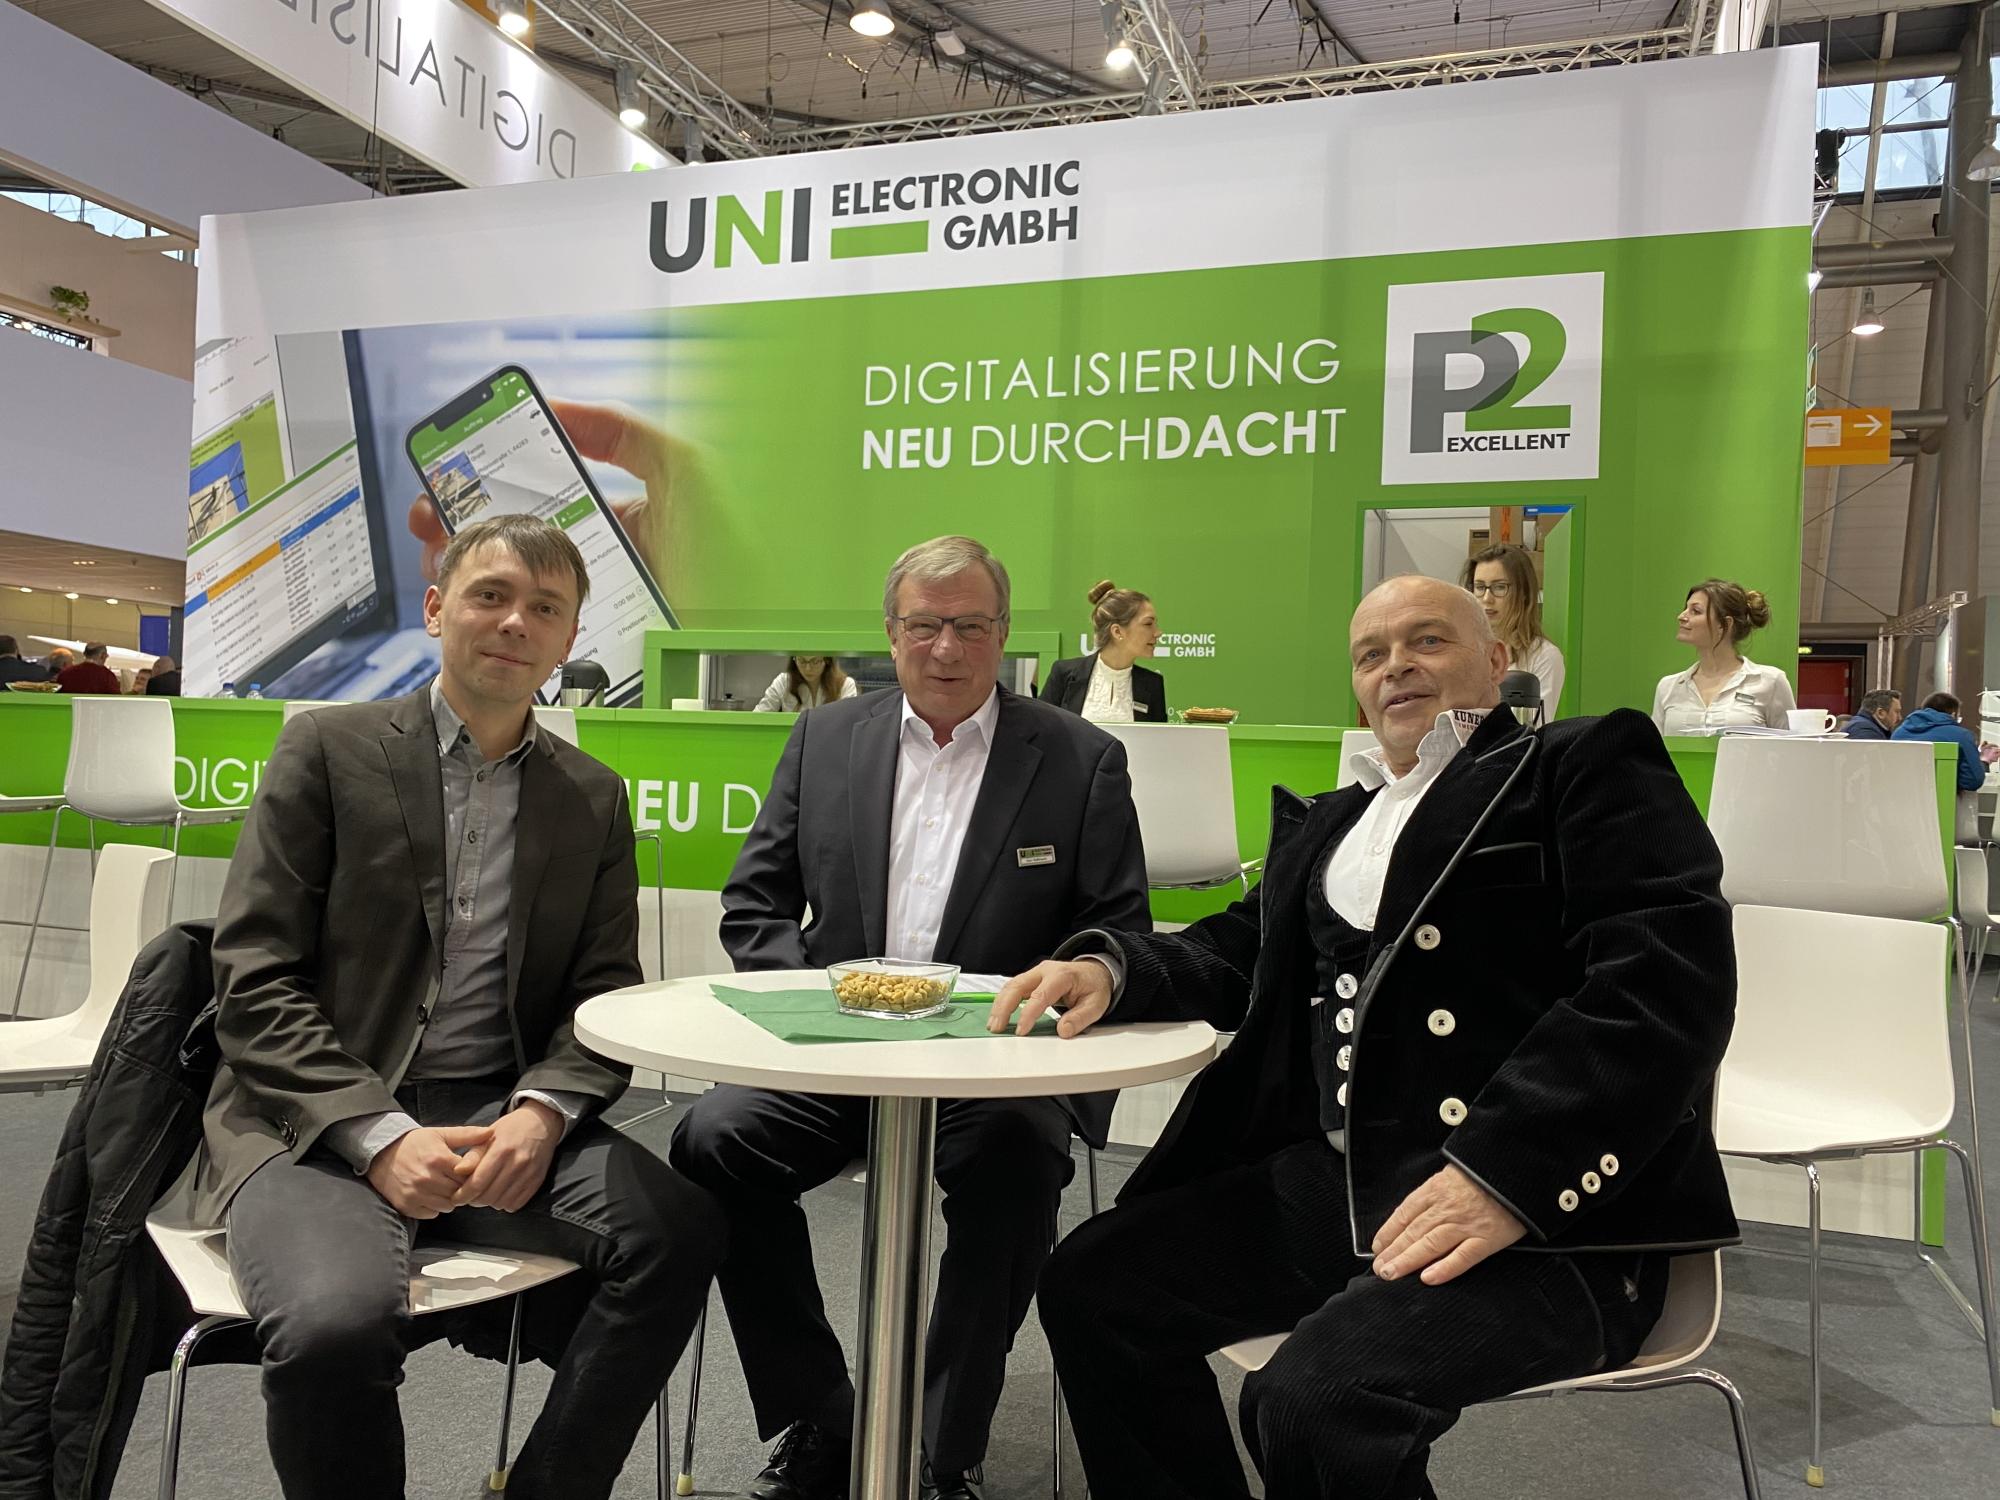 Herr Münch (Geschäftsführer des Landesinnungsverbands des DD-Handwerks Sachsen, links), unser Systemberater Herr Rassmann (mitte) und Herr Kunert (Landesinnungsmeister der DD-Innung Sachsen, rechts)